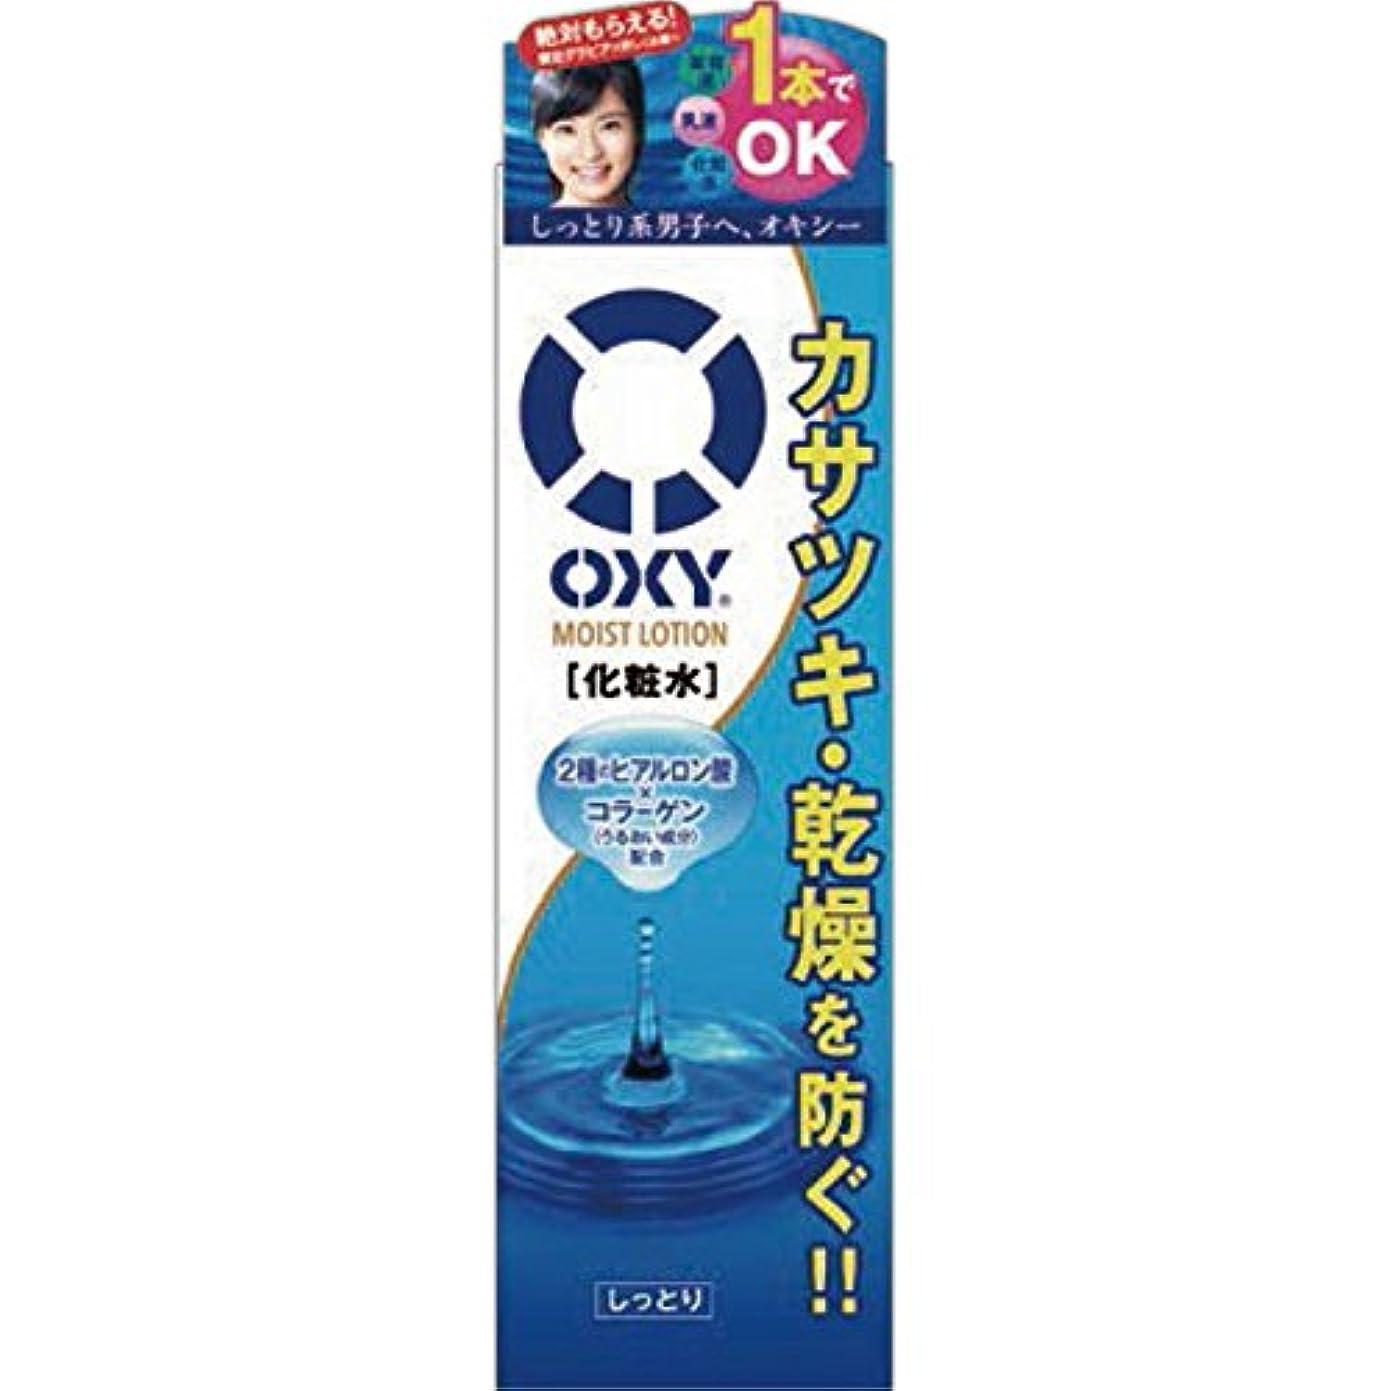 複製の間に高音オキシー (Oxy) モイストローション オールインワン化粧水 2種のヒアルロン酸×コラーゲン配合 ゼラニウムの香 170mL